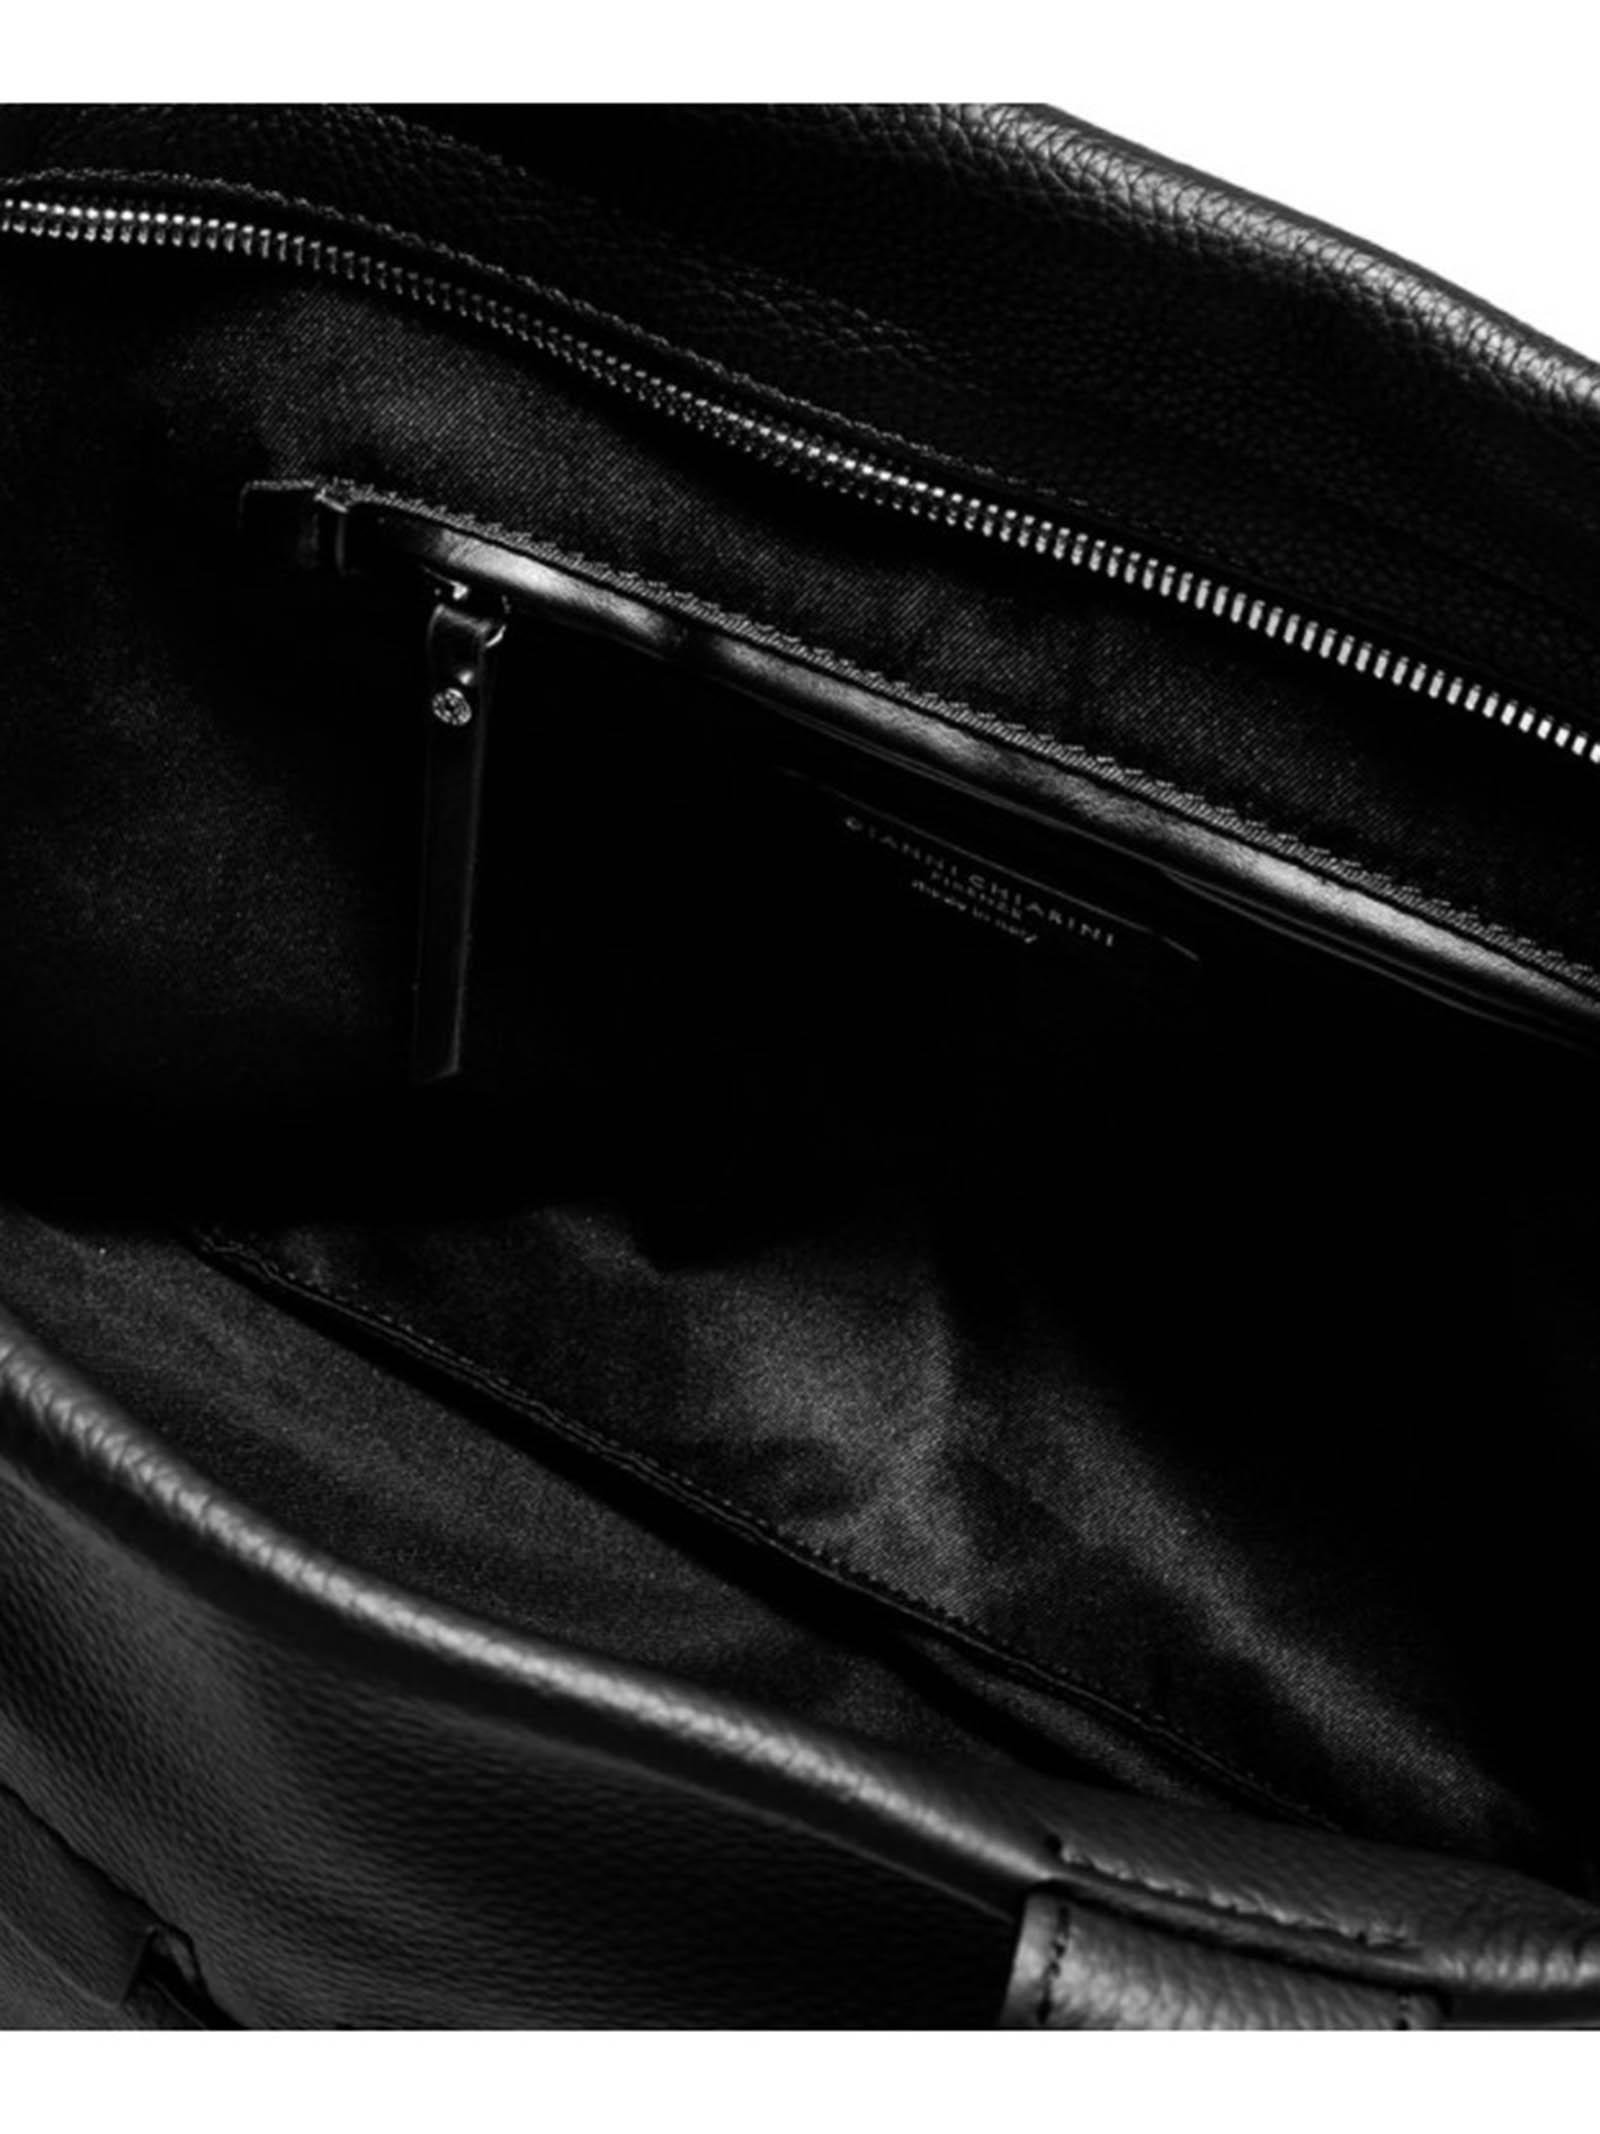 Borsa Donna a Tracolla Duna in Pelle Nera e Camoscio Nero con Doppi Manici in Pelle e Tracolla Regolabile e Removibile Gianni Chiarini | Borse e zaini | BS8232015